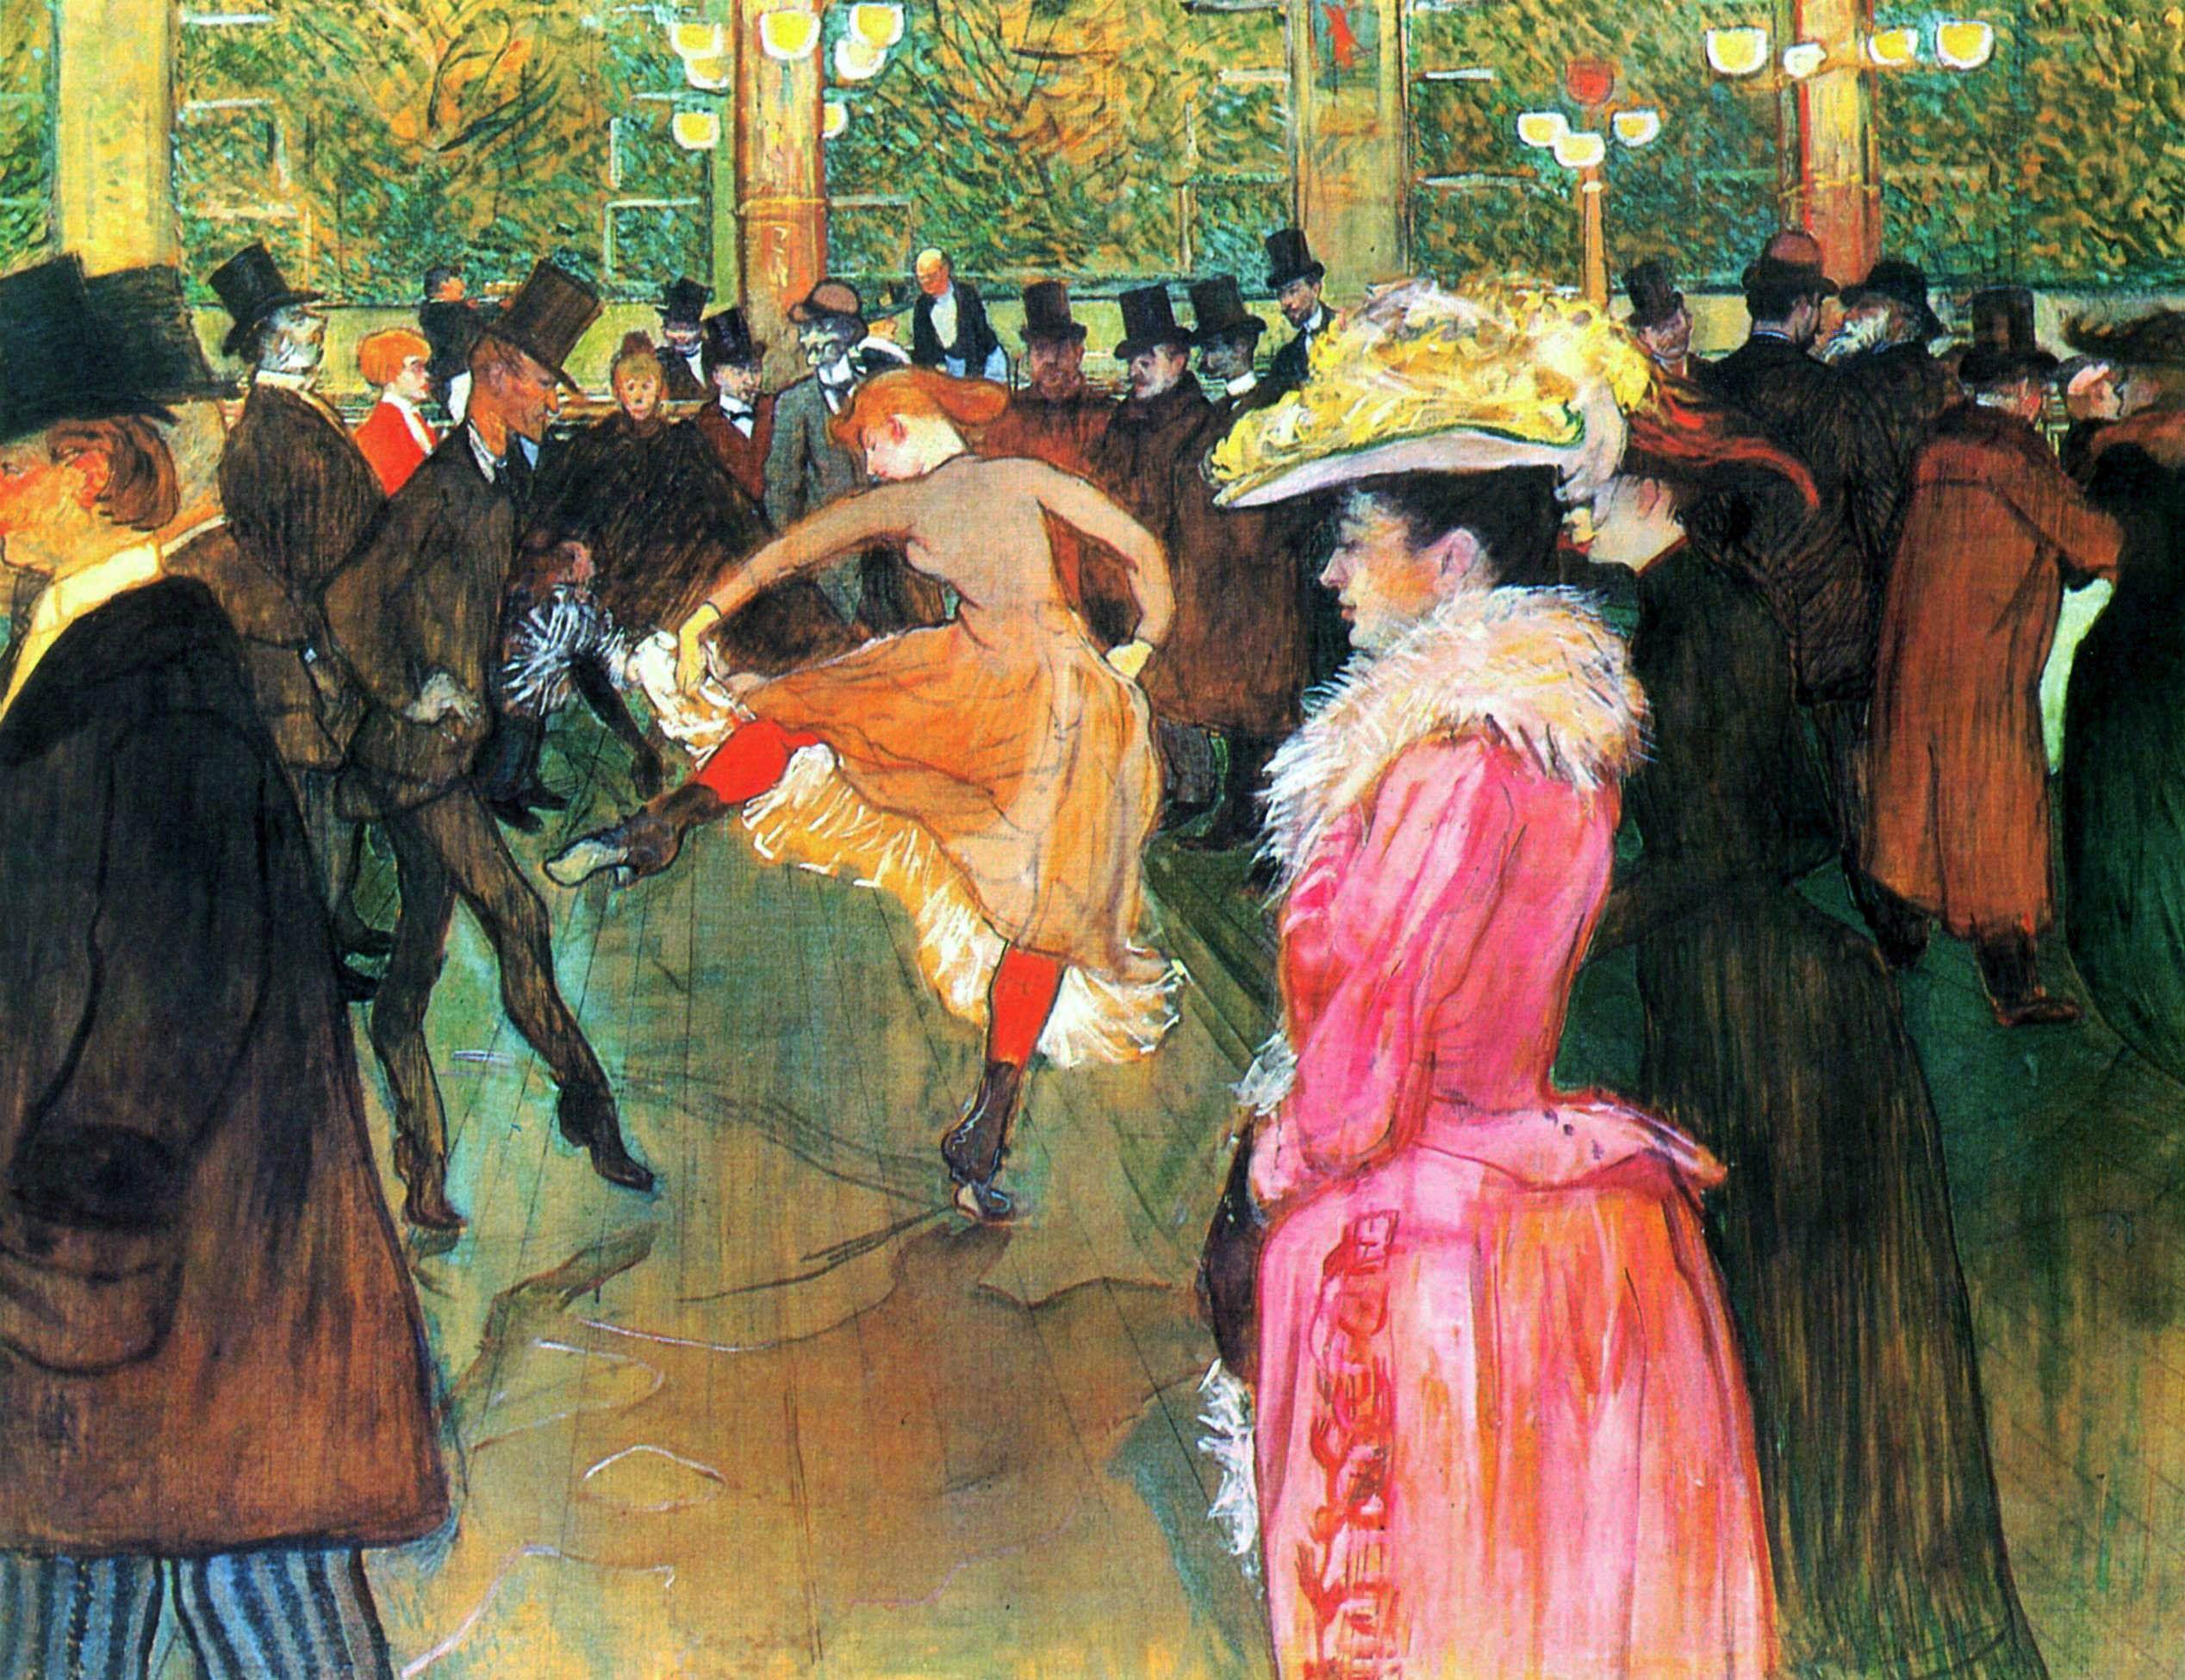 Toulouse Lautrec Fichier Henri De Toulouse Lautrec 005 Jpg